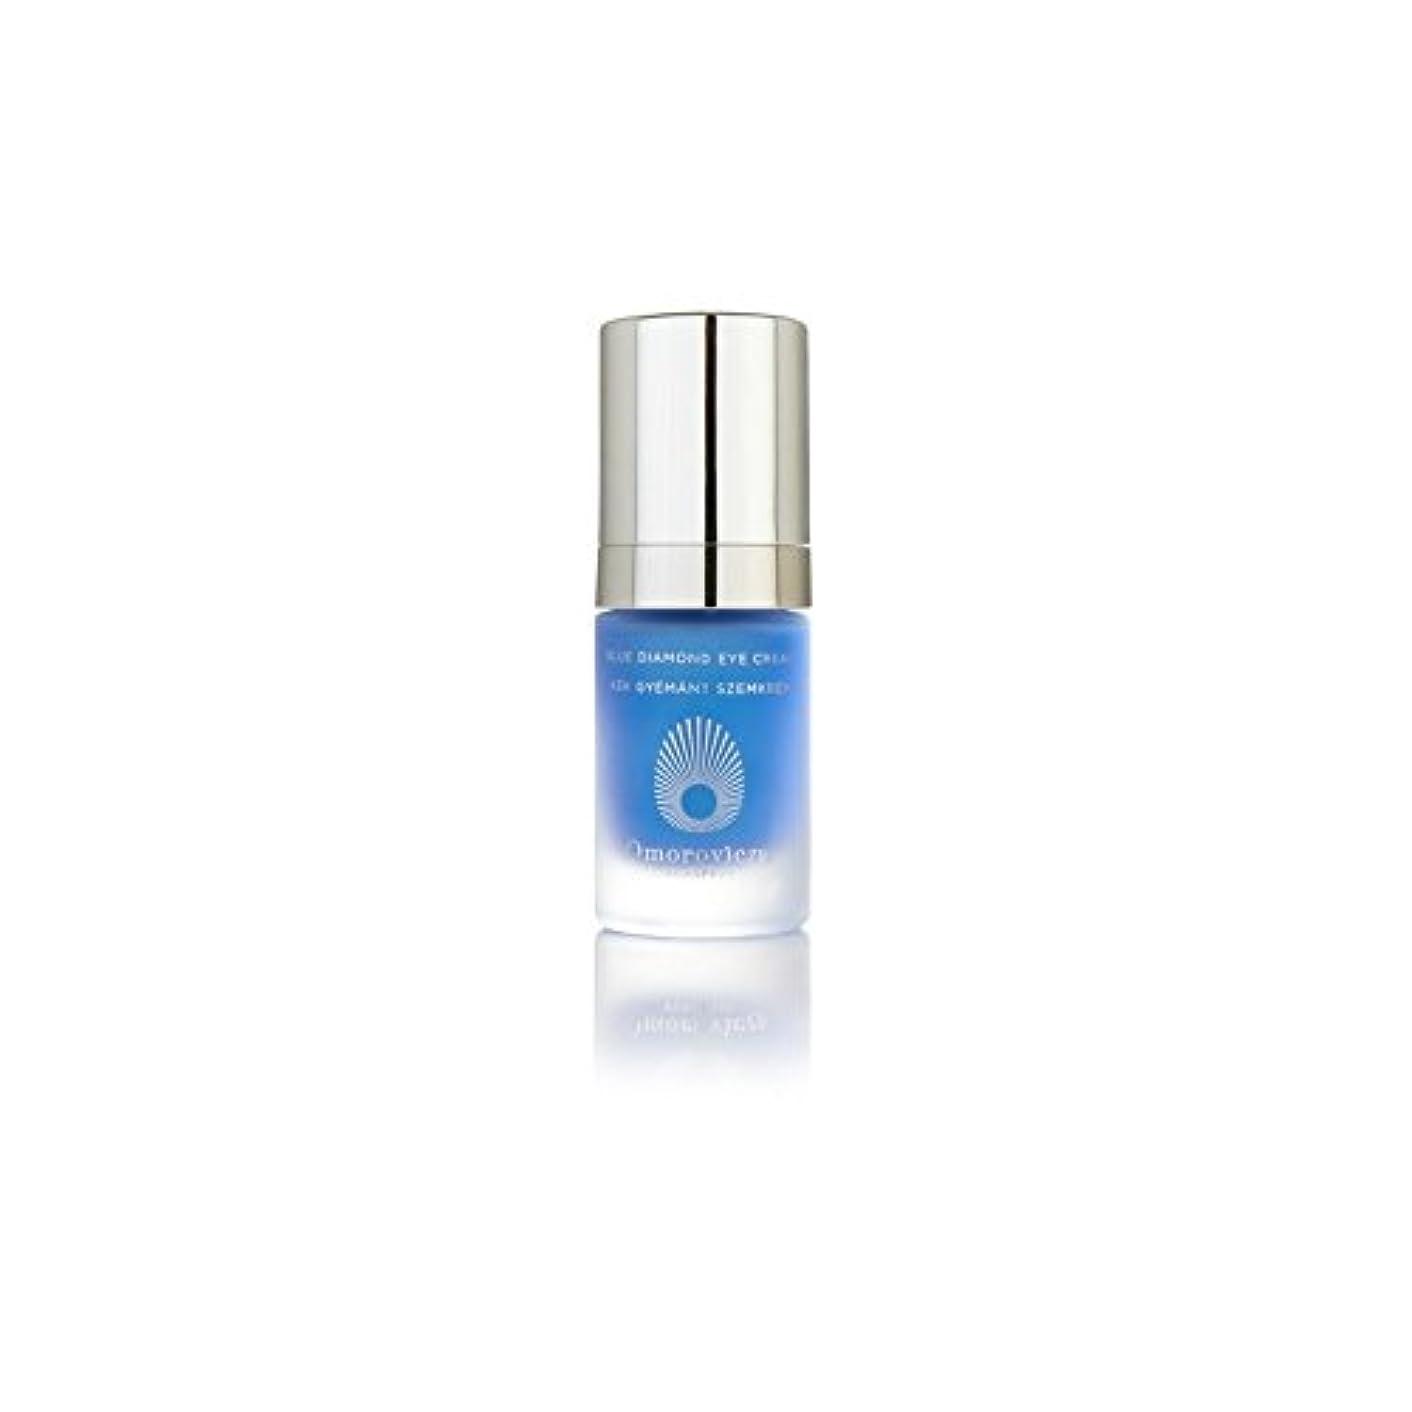 にもかかわらず細菌ヘッジOmorovicza Blue Diamond Eye Cream (15ml) - ブルーダイヤモンドアイクリーム(15ミリリットル) [並行輸入品]